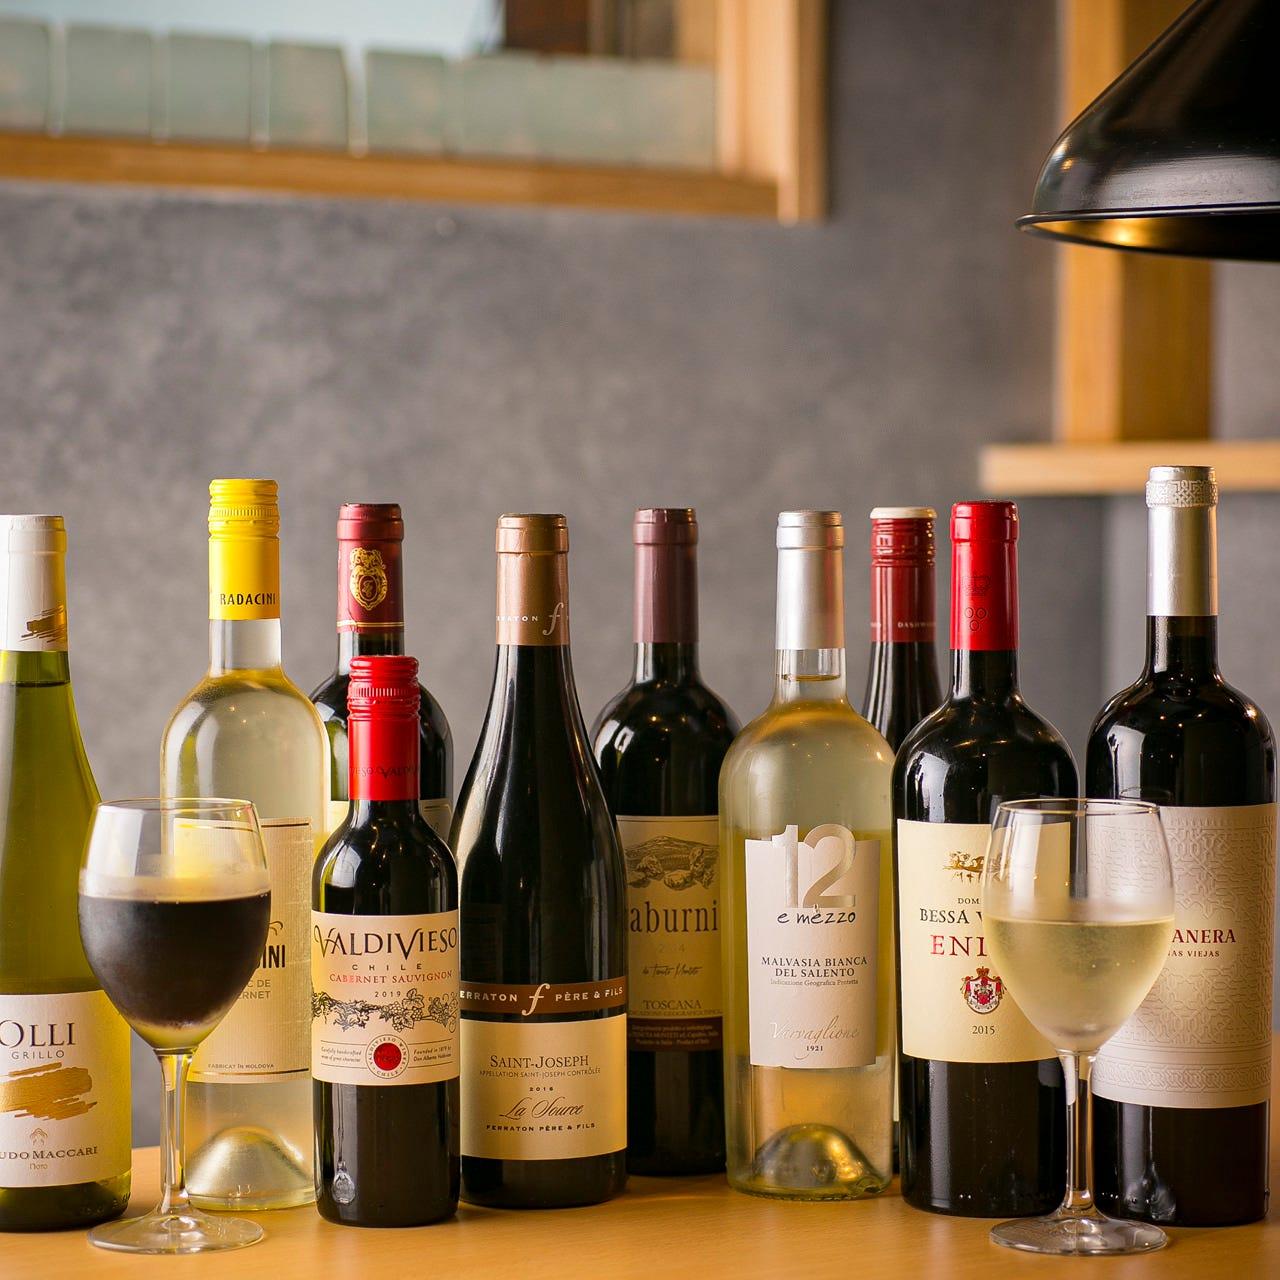 世界各国のワインが入荷。焼肉に合う味わいの赤白ワインが約20種